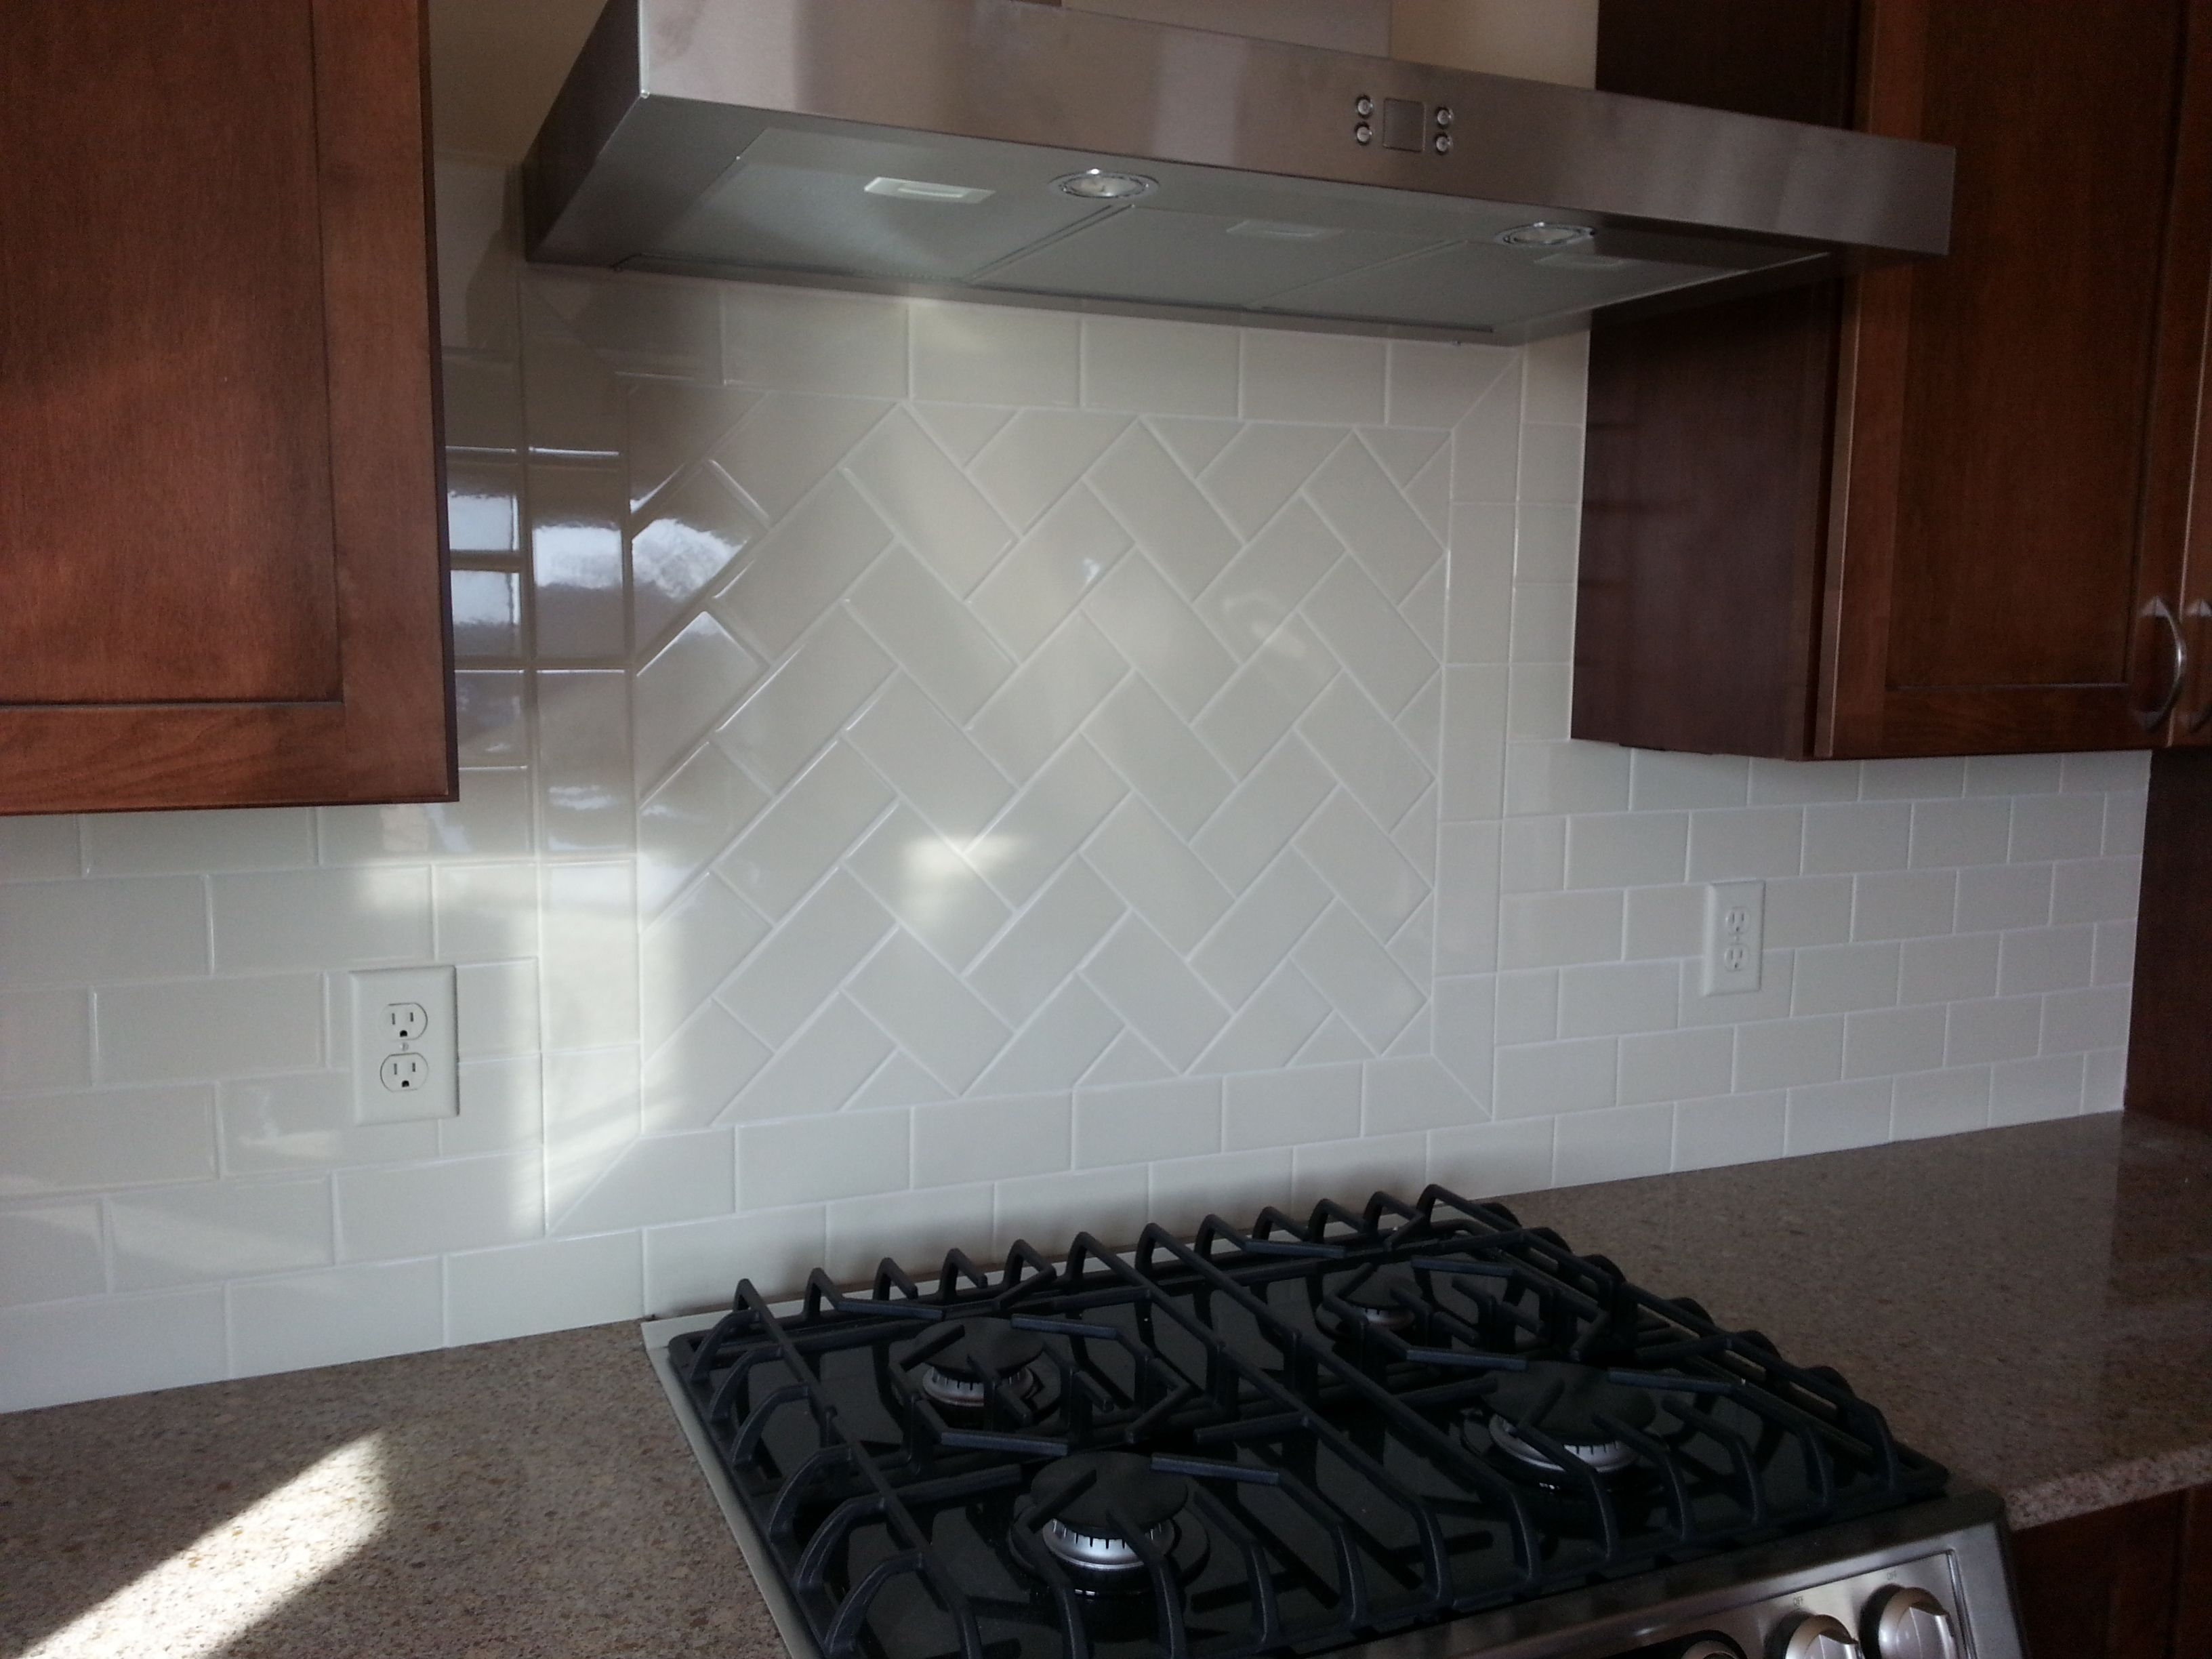 Classic 3x6 Subway Tile Backsplash With A Framed Herringbone